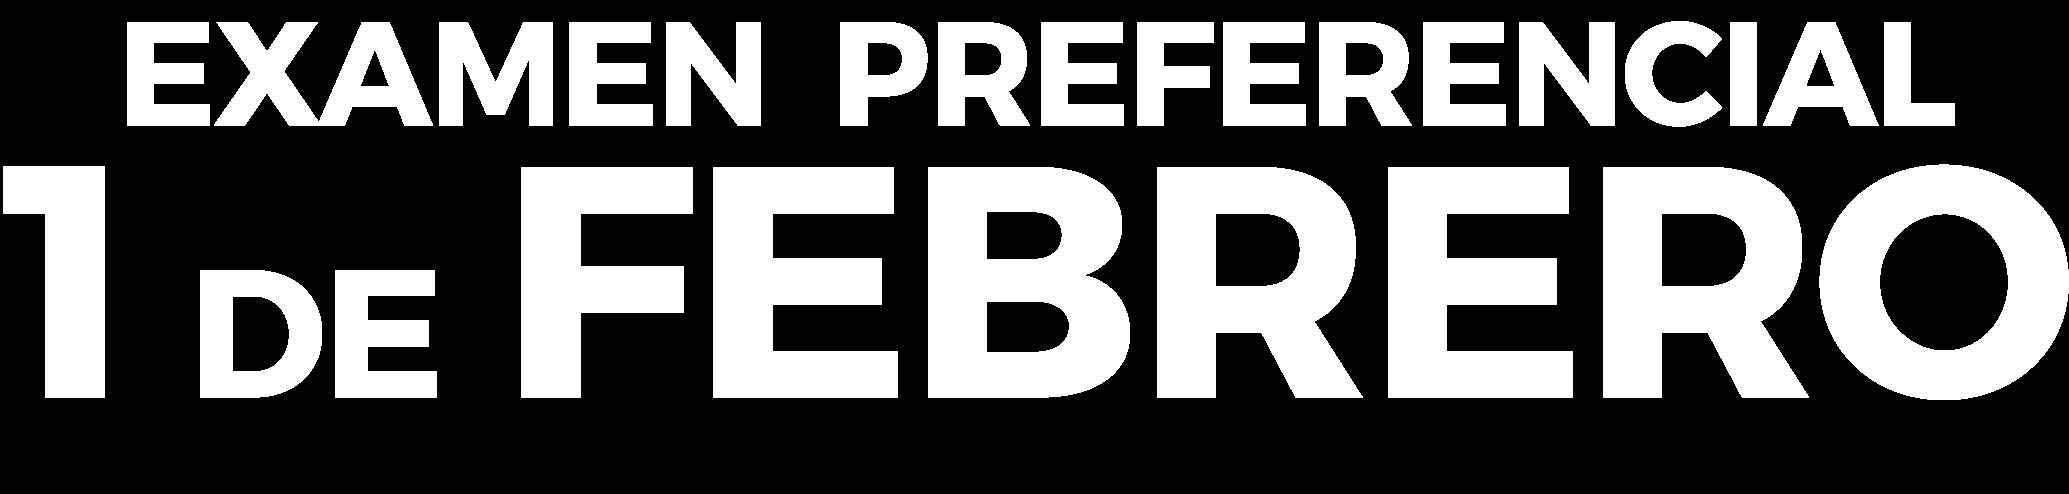 1feb.png